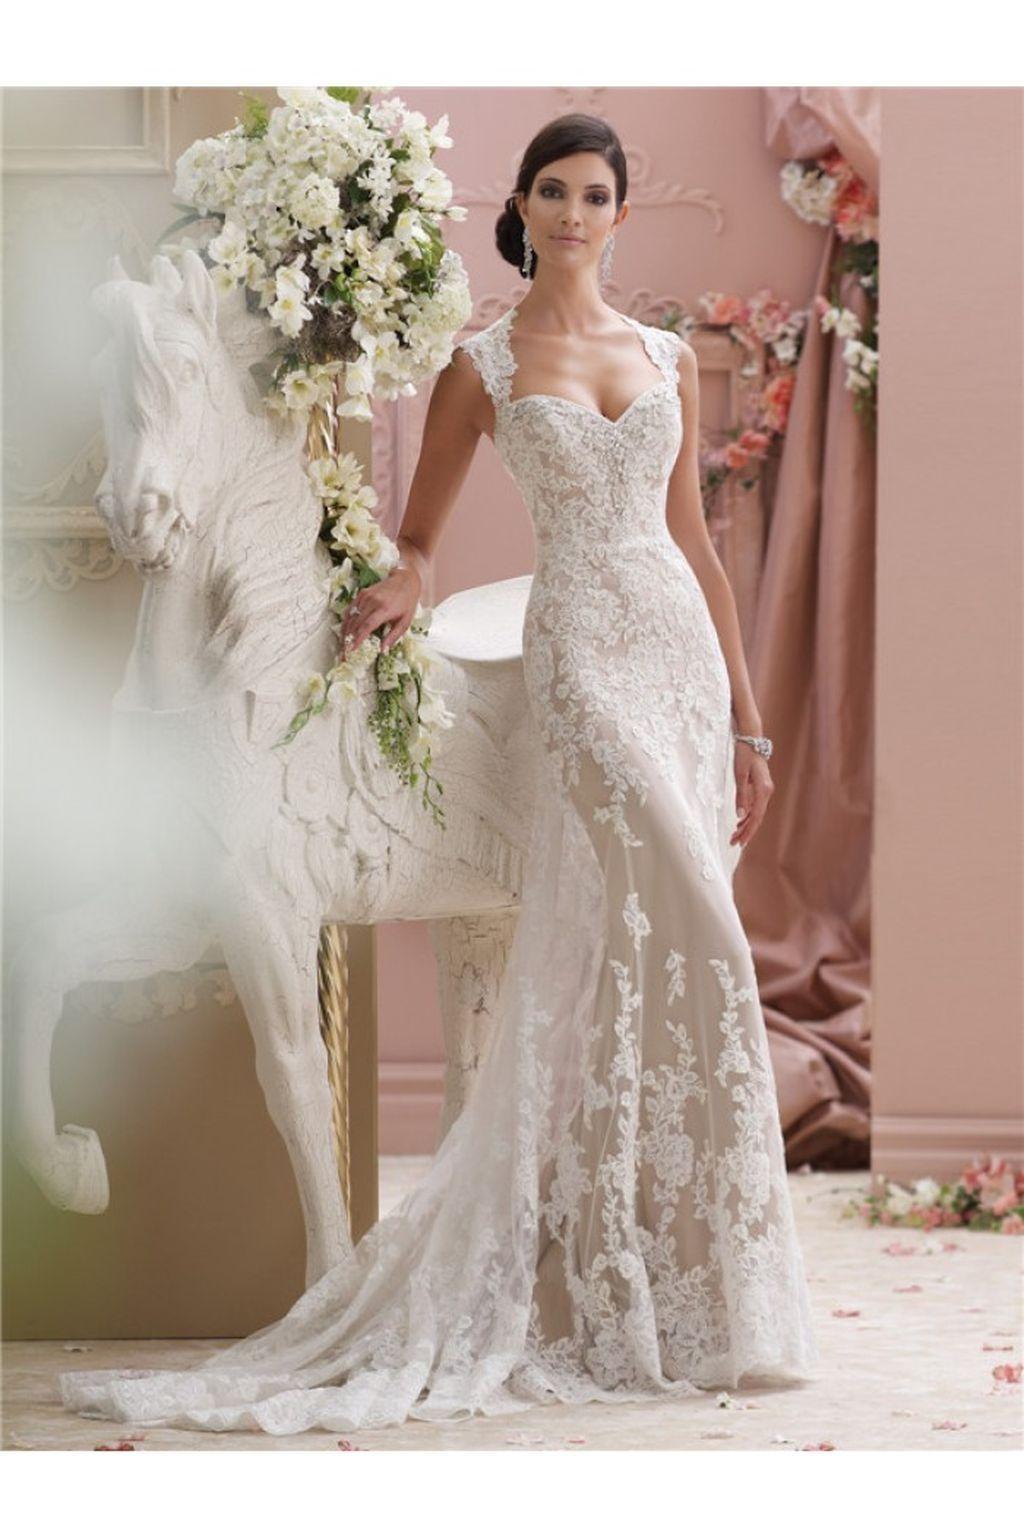 elegant christmas wedding dress ideas to makes you look gorgeous